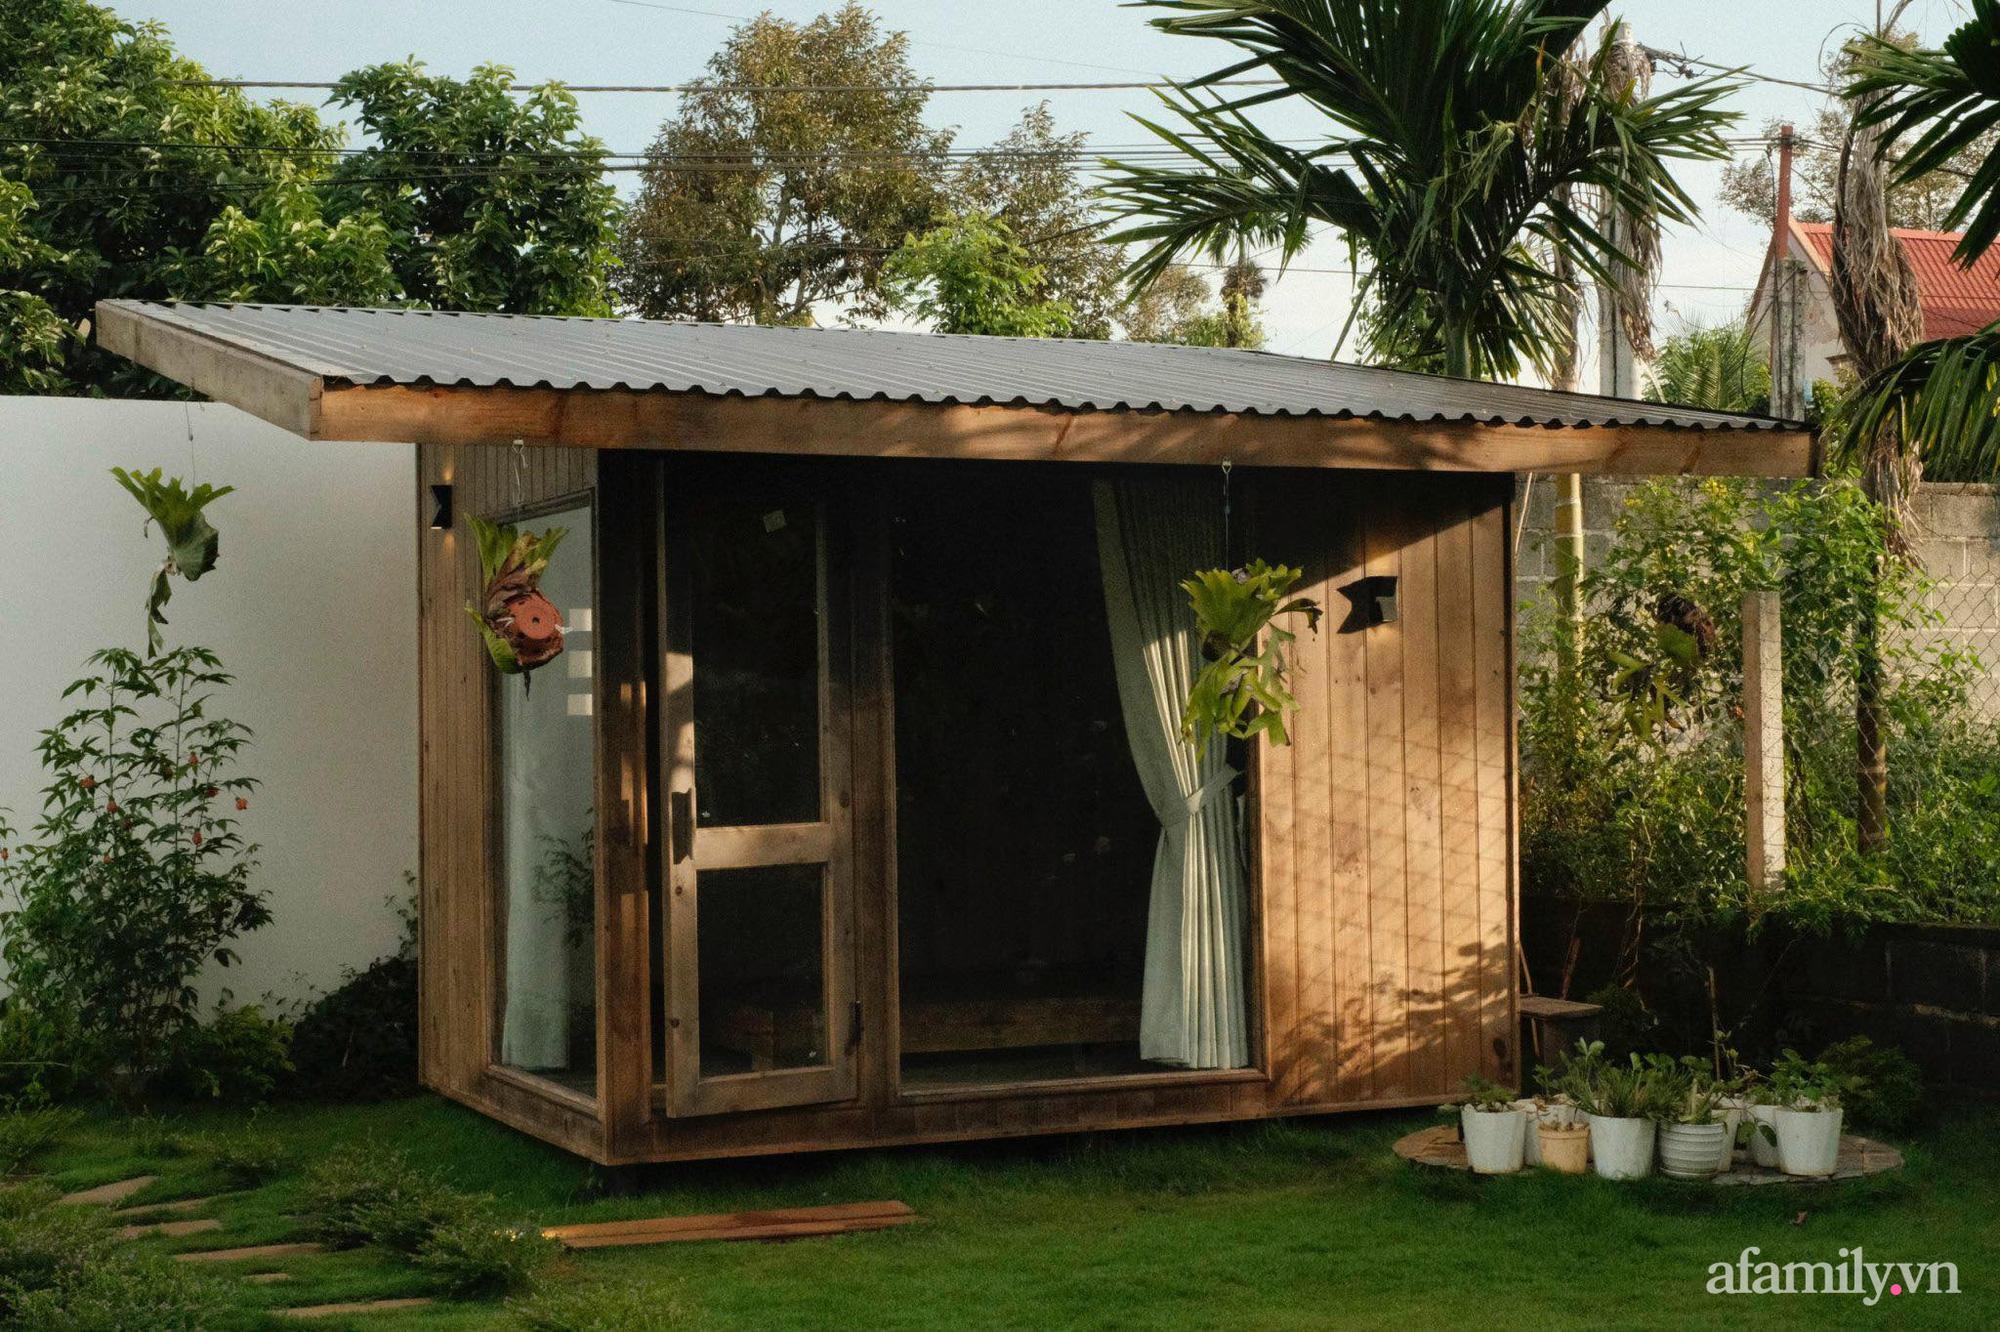 Căn nhà gỗ bình yên hướng tầm nhìn ra hồ nước trong veo, thơ mộng ở Buôn Mê Thuột - Ảnh 22.